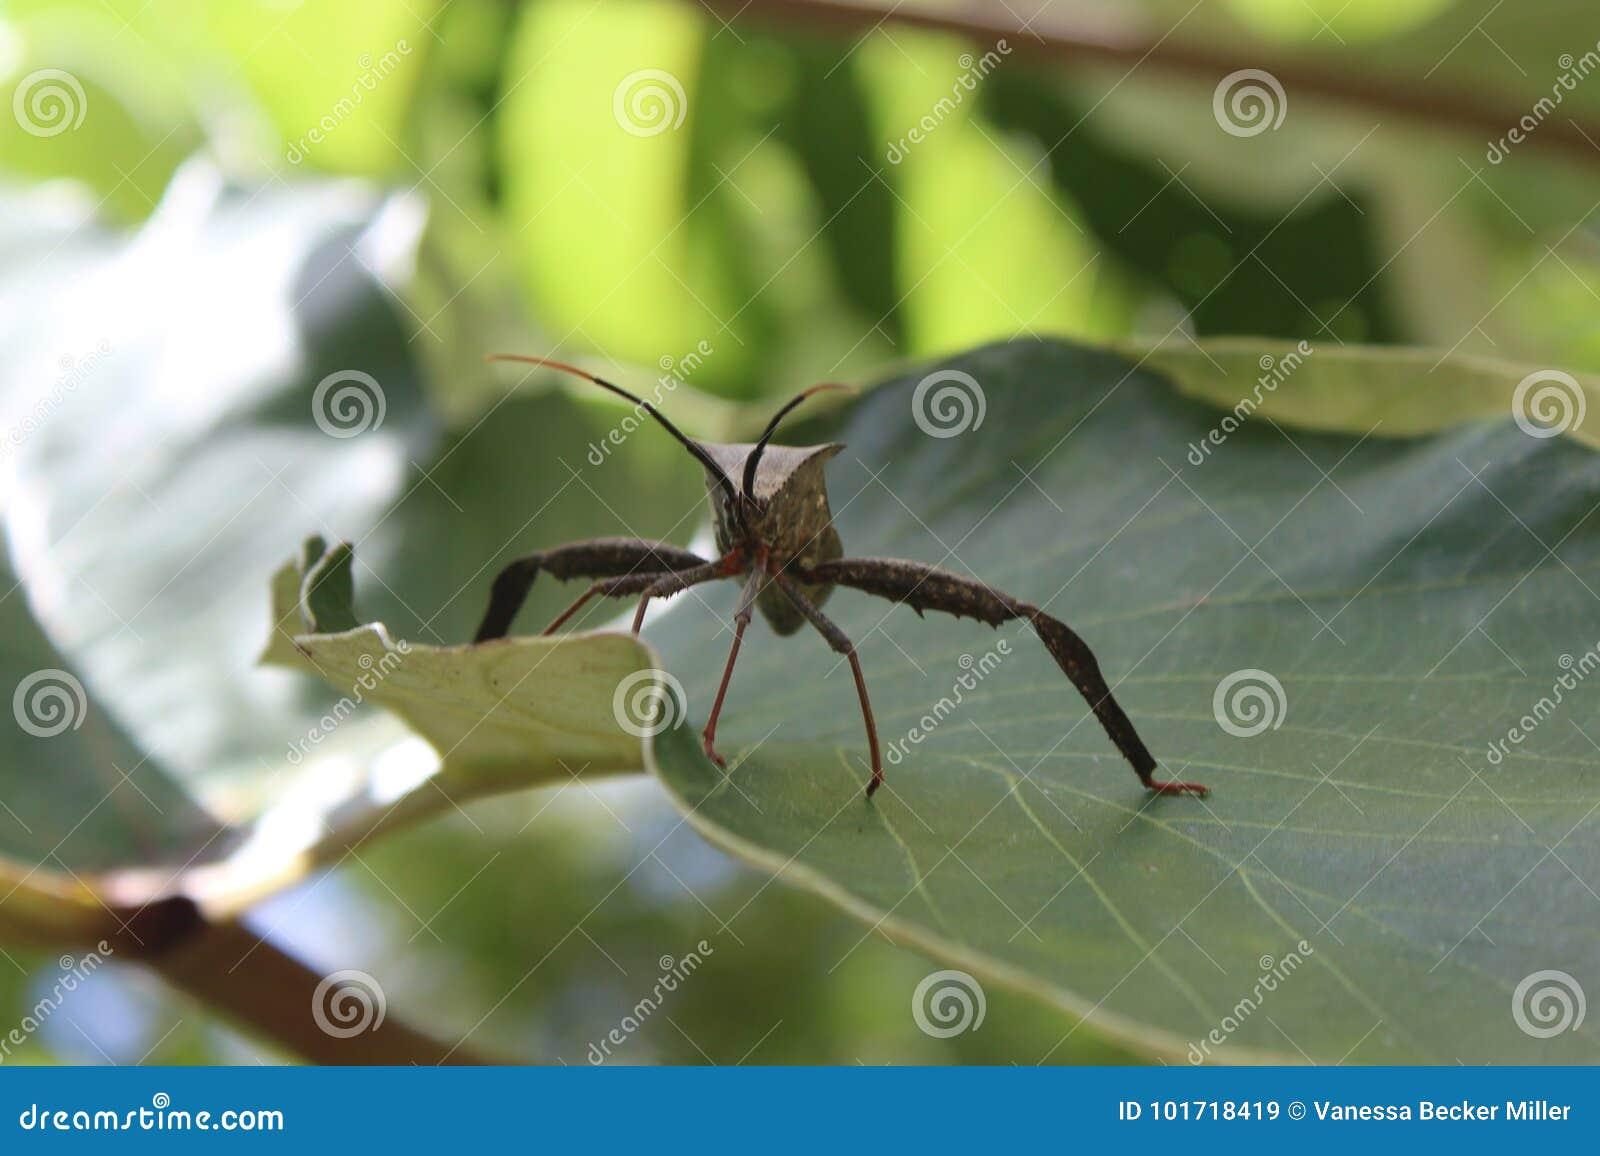 Blad betaald insect op blad